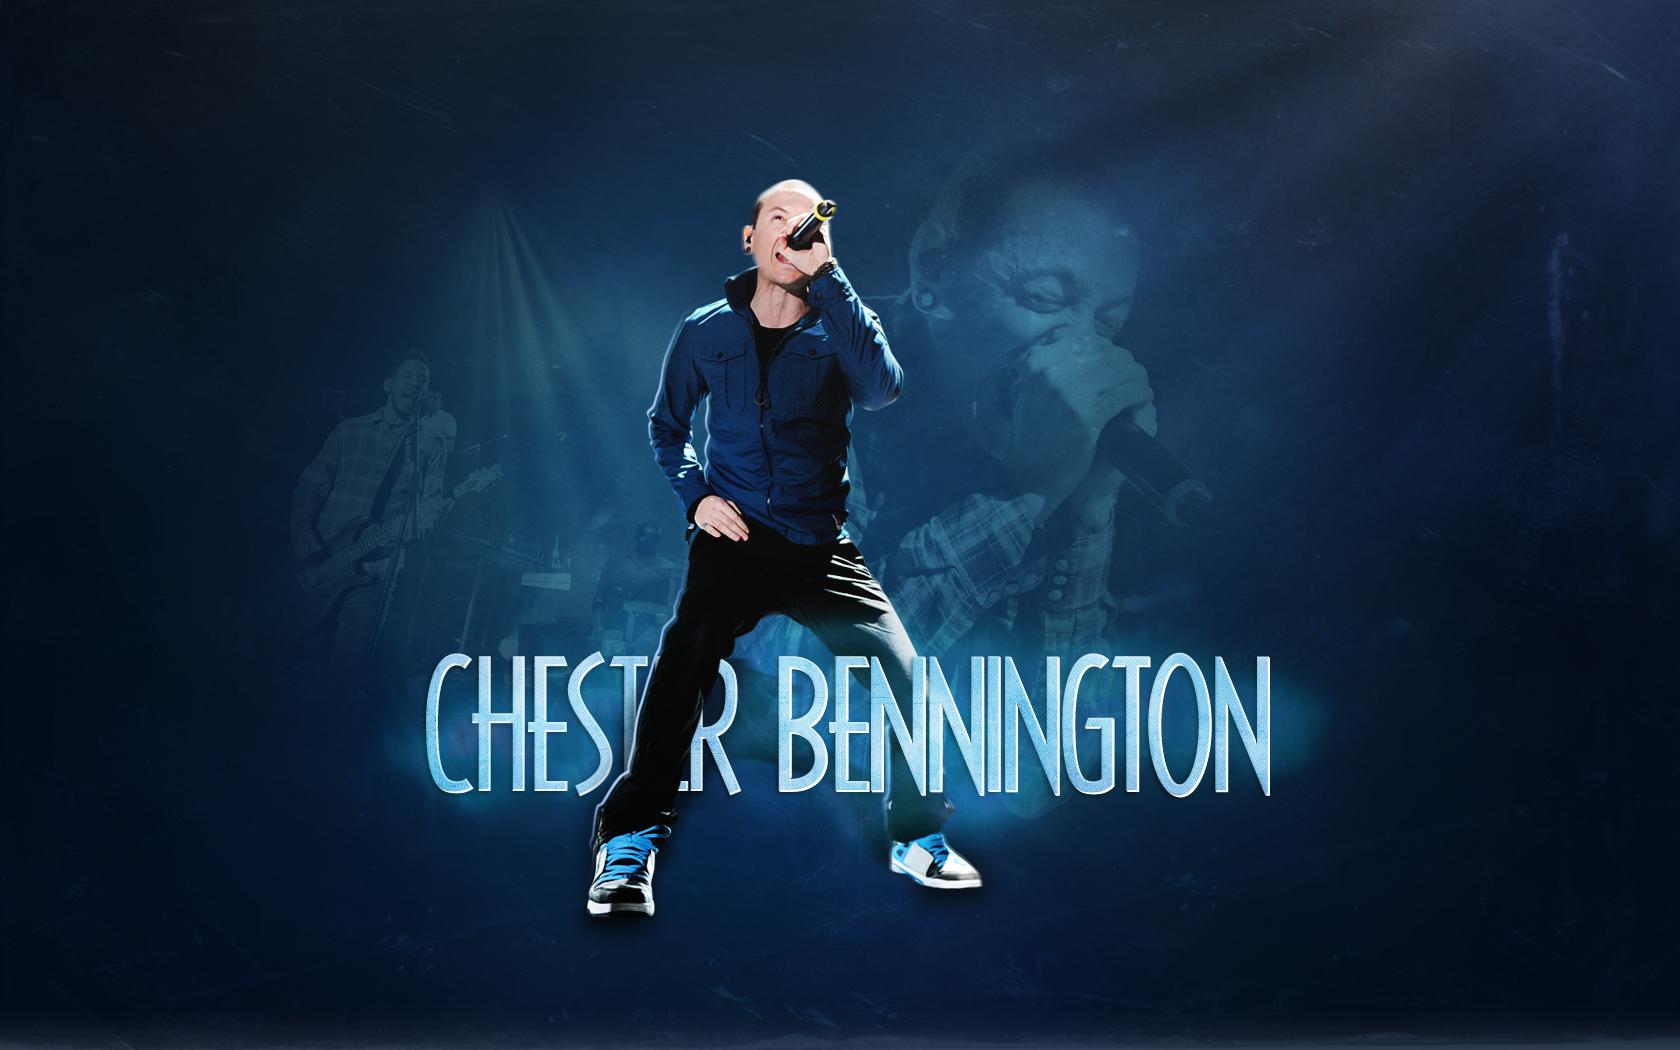 Chester Bennington Wallpaper By Peter0512 On DeviantArt